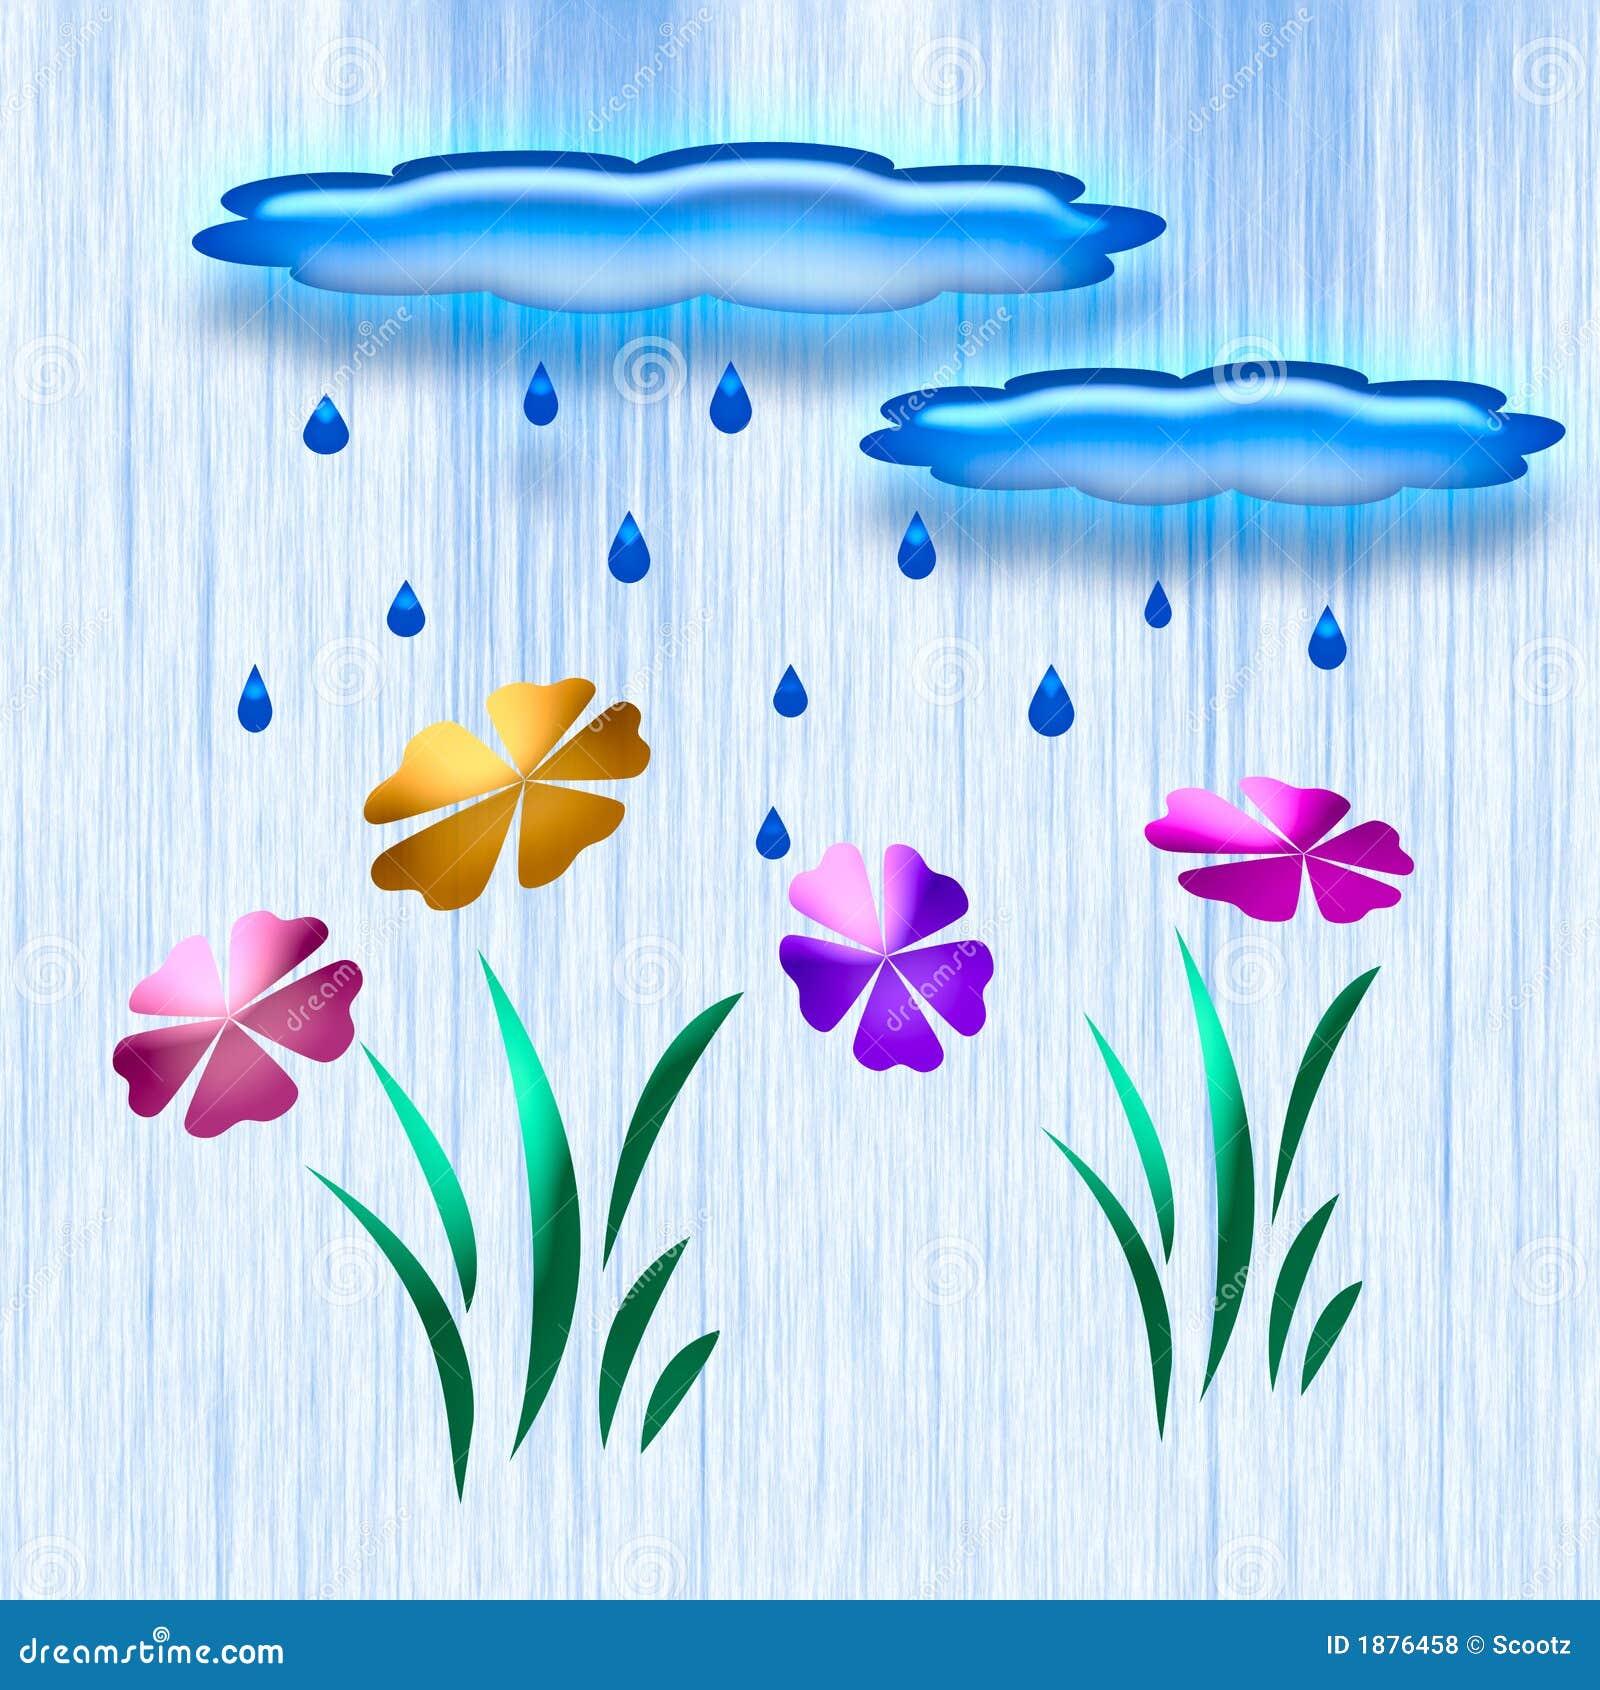 Rain in the garden art stock illustration. Image of flower ...